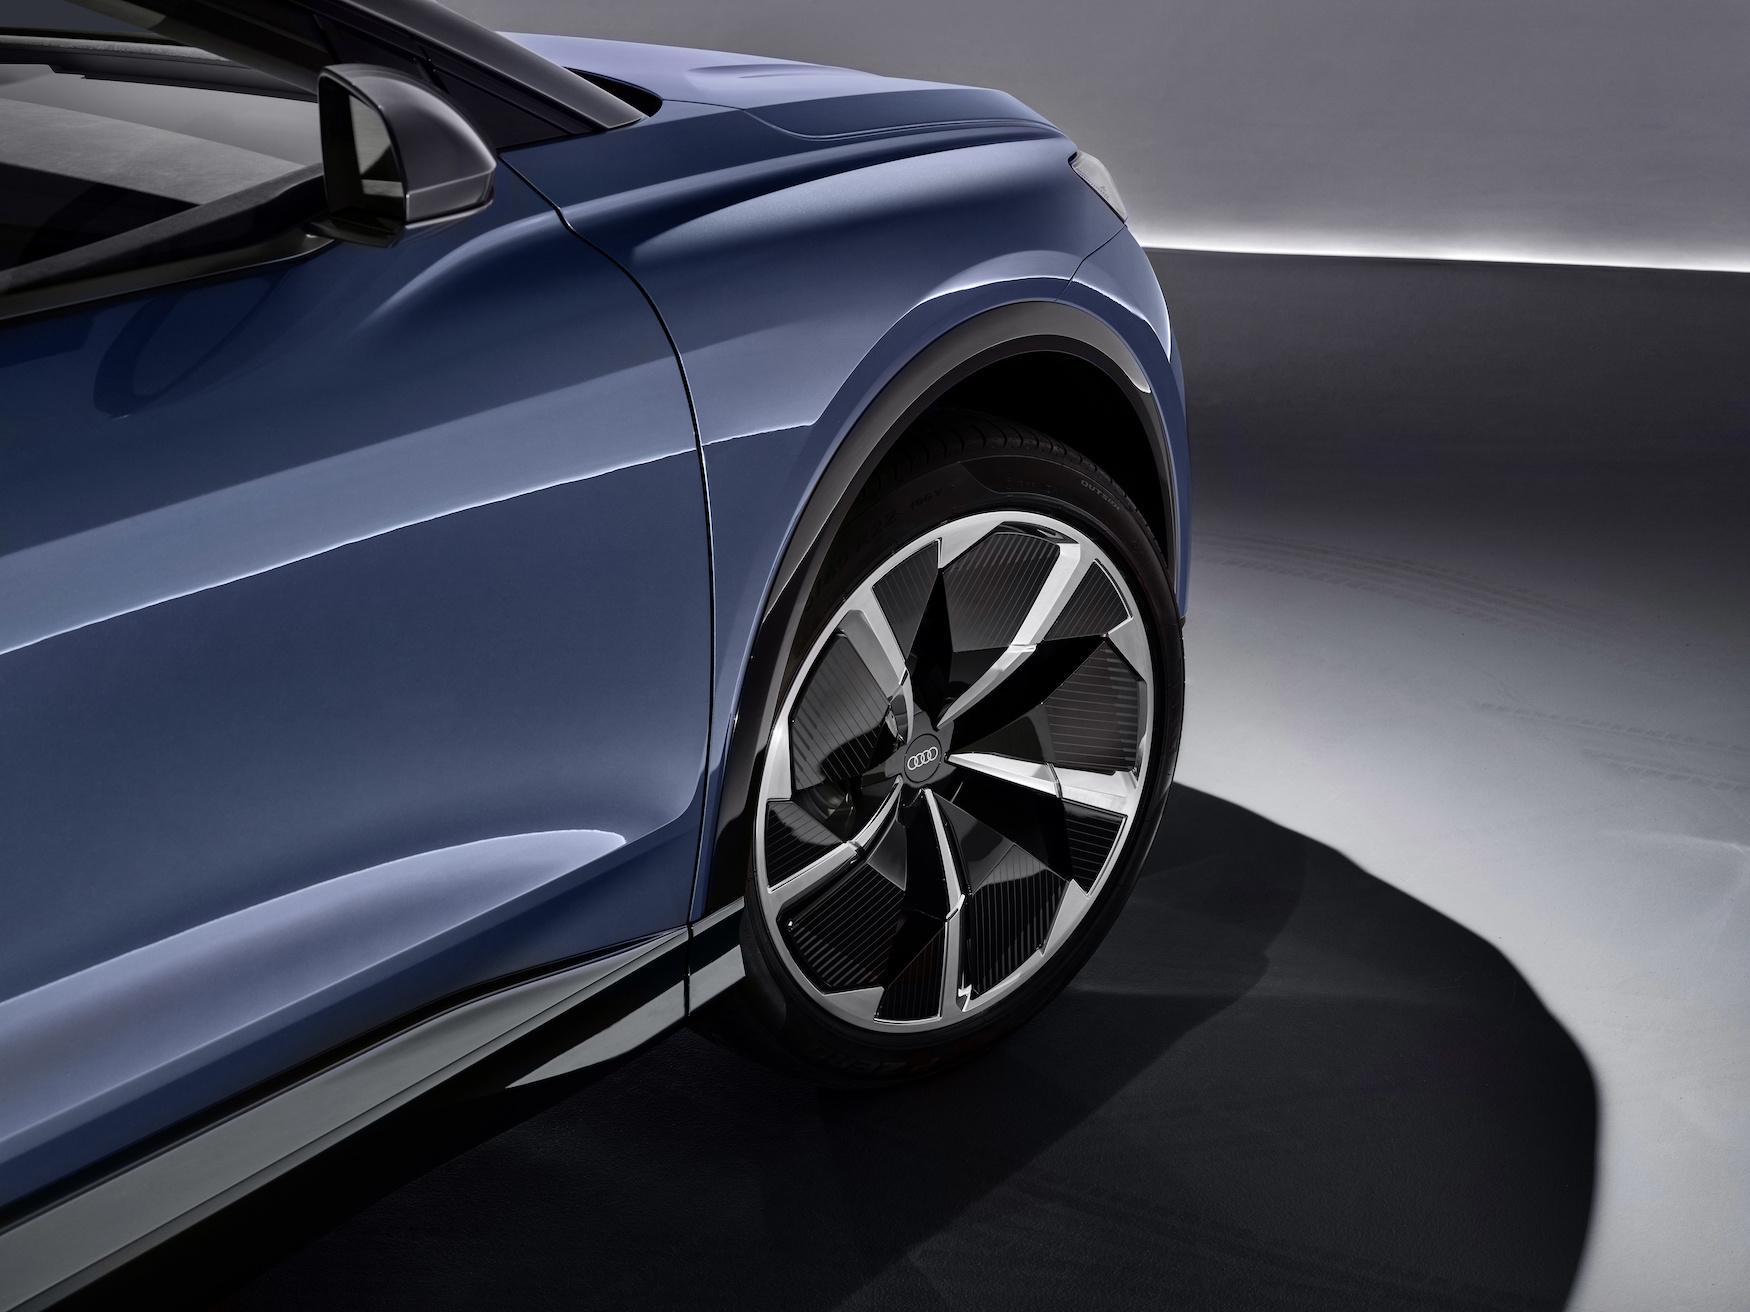 La peinture bleue de l'AudiQ4e-tronconcept renforce la durabilité du modèle. (AUDI)